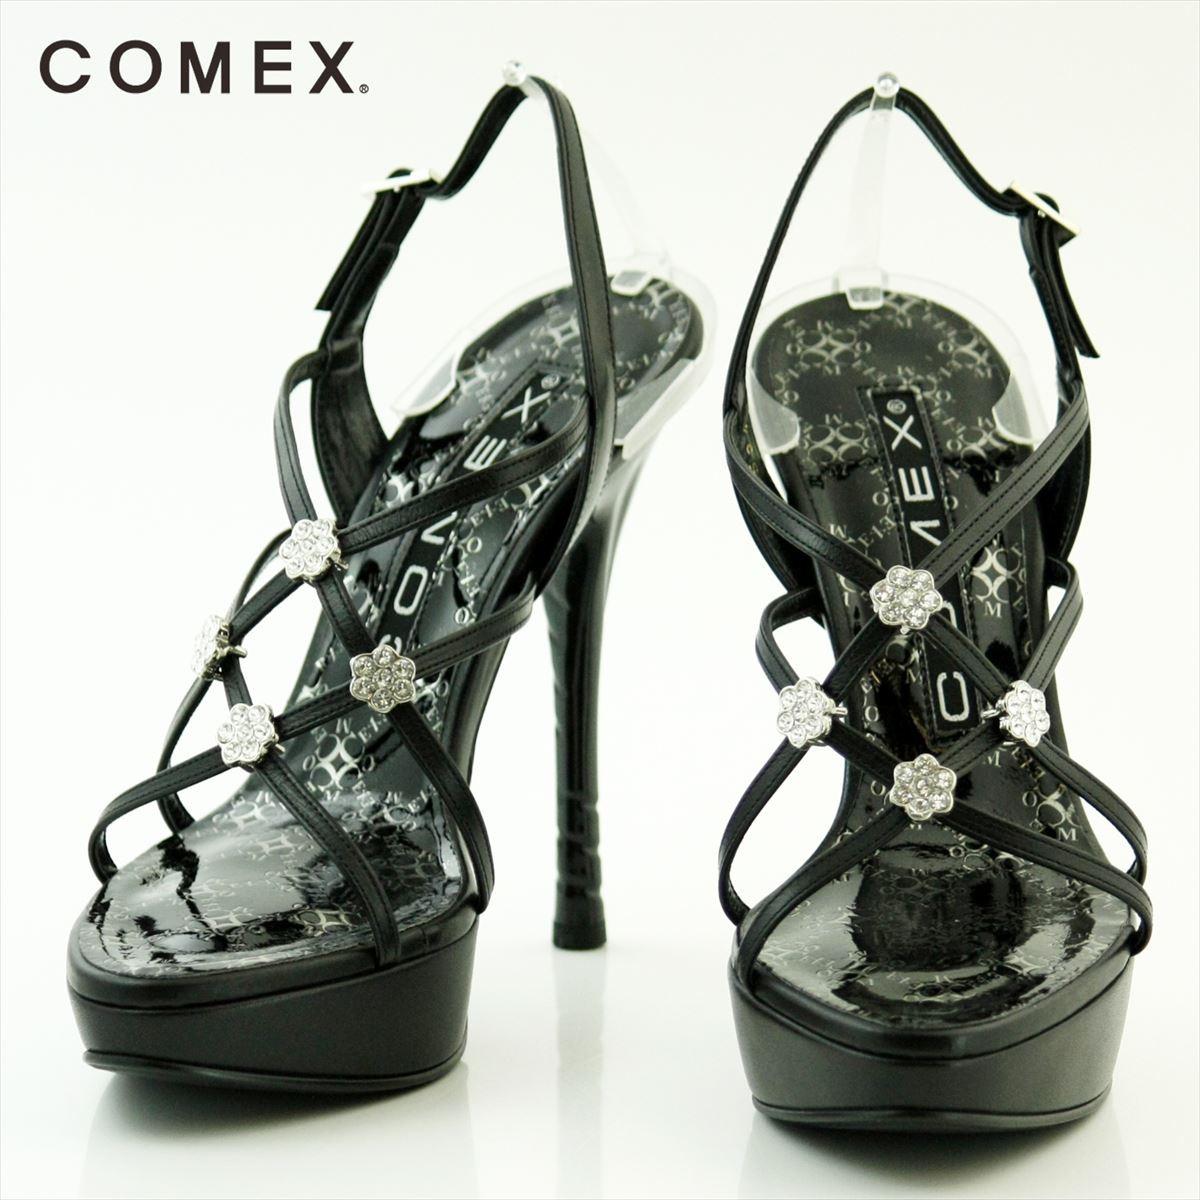 COMEX コメックス ピンヒール 13cmヒール フラワーモチーフ ラインストーン付き 厚底 バックベルト パーティー 靴 シューズ